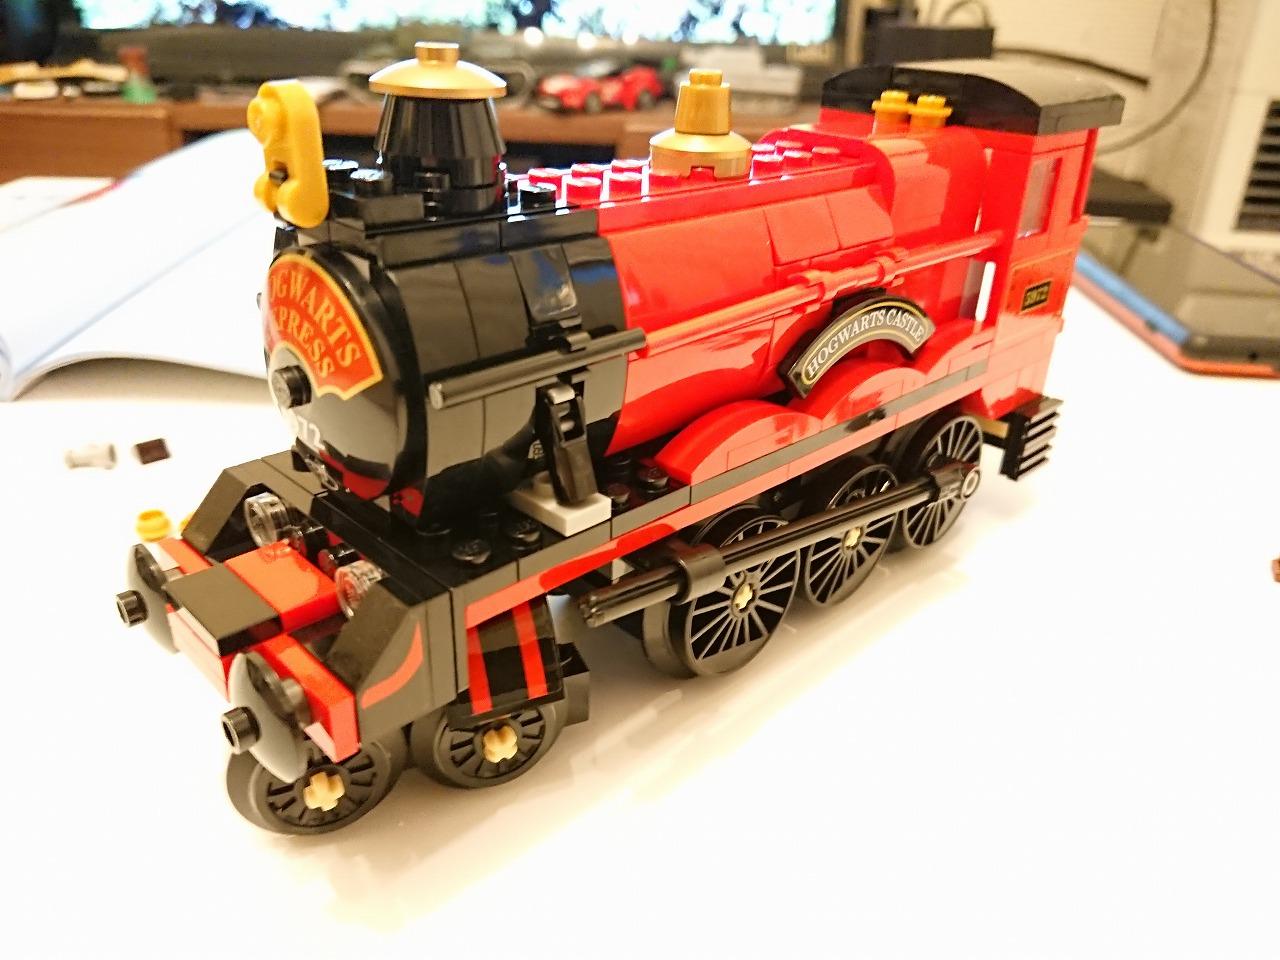 レゴ(LEGO) ハリー・ポッター ホグワーツ特急 75955 を作ってみた(その2)~機関車の作成~